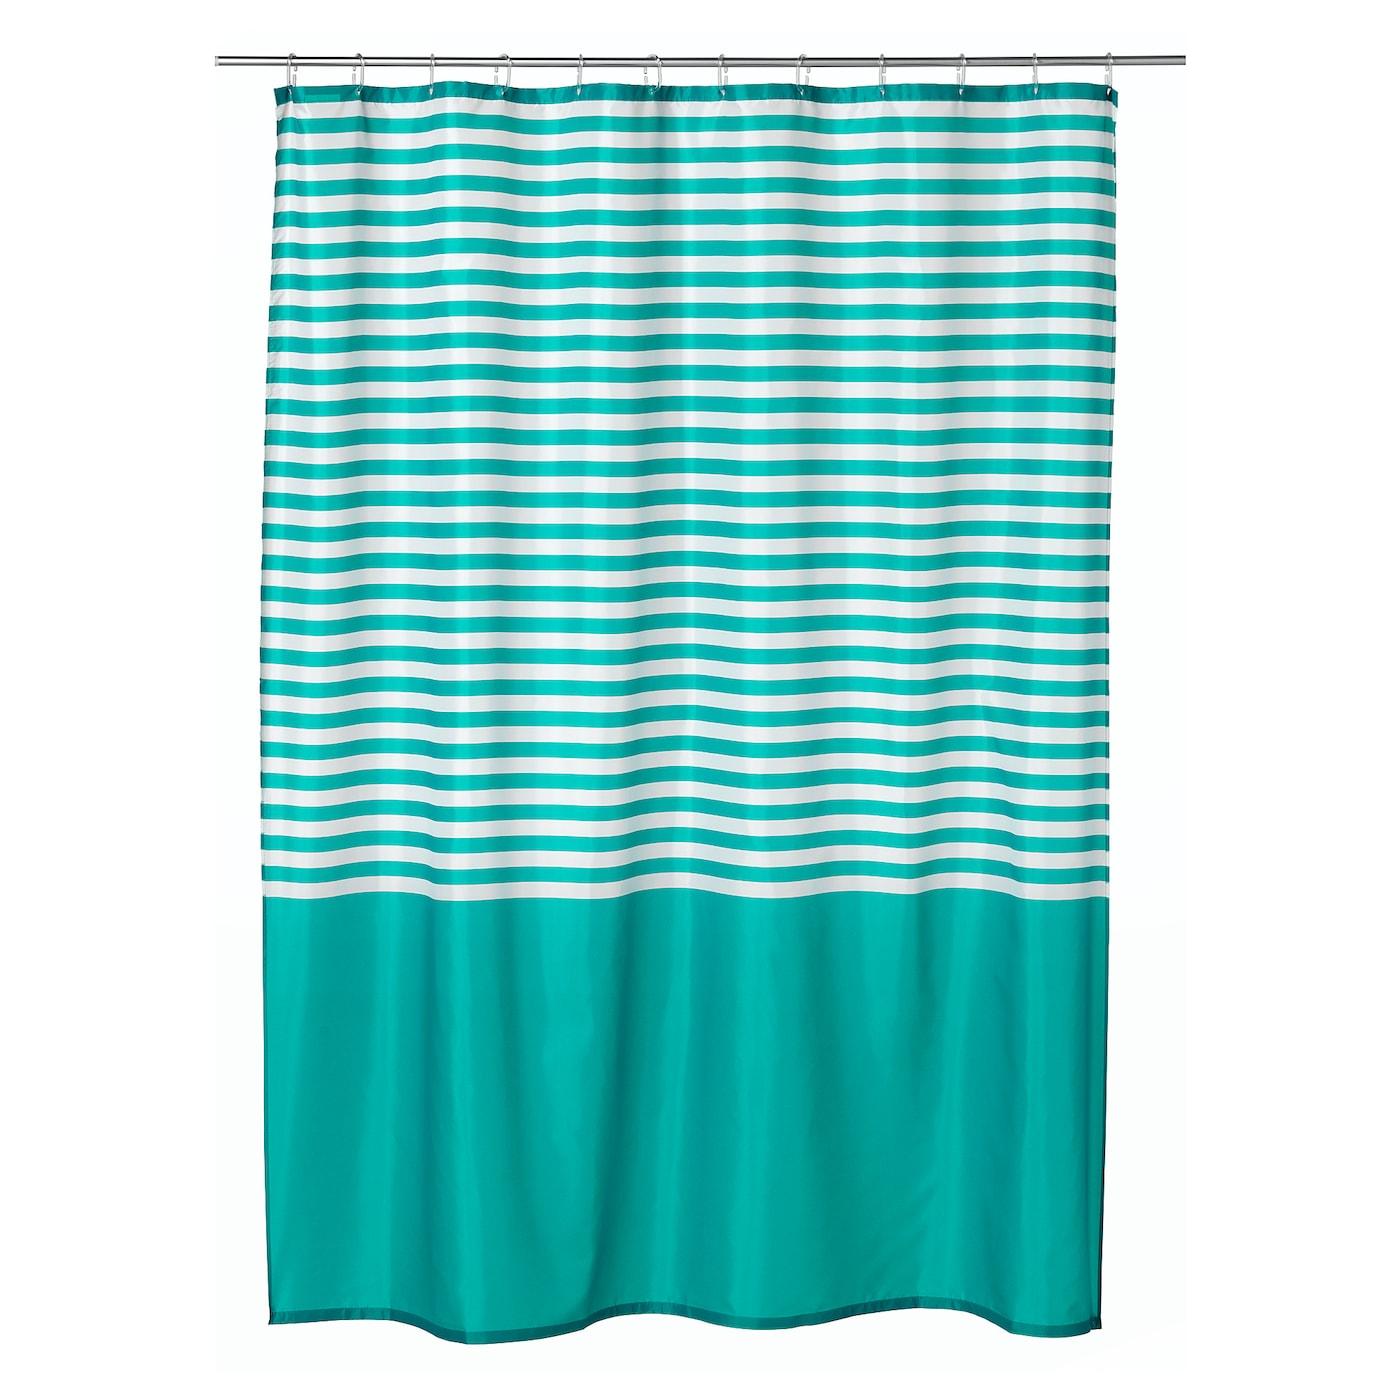 vadsj n rideau de douche turquoise 180 x 200 cm ikea. Black Bedroom Furniture Sets. Home Design Ideas